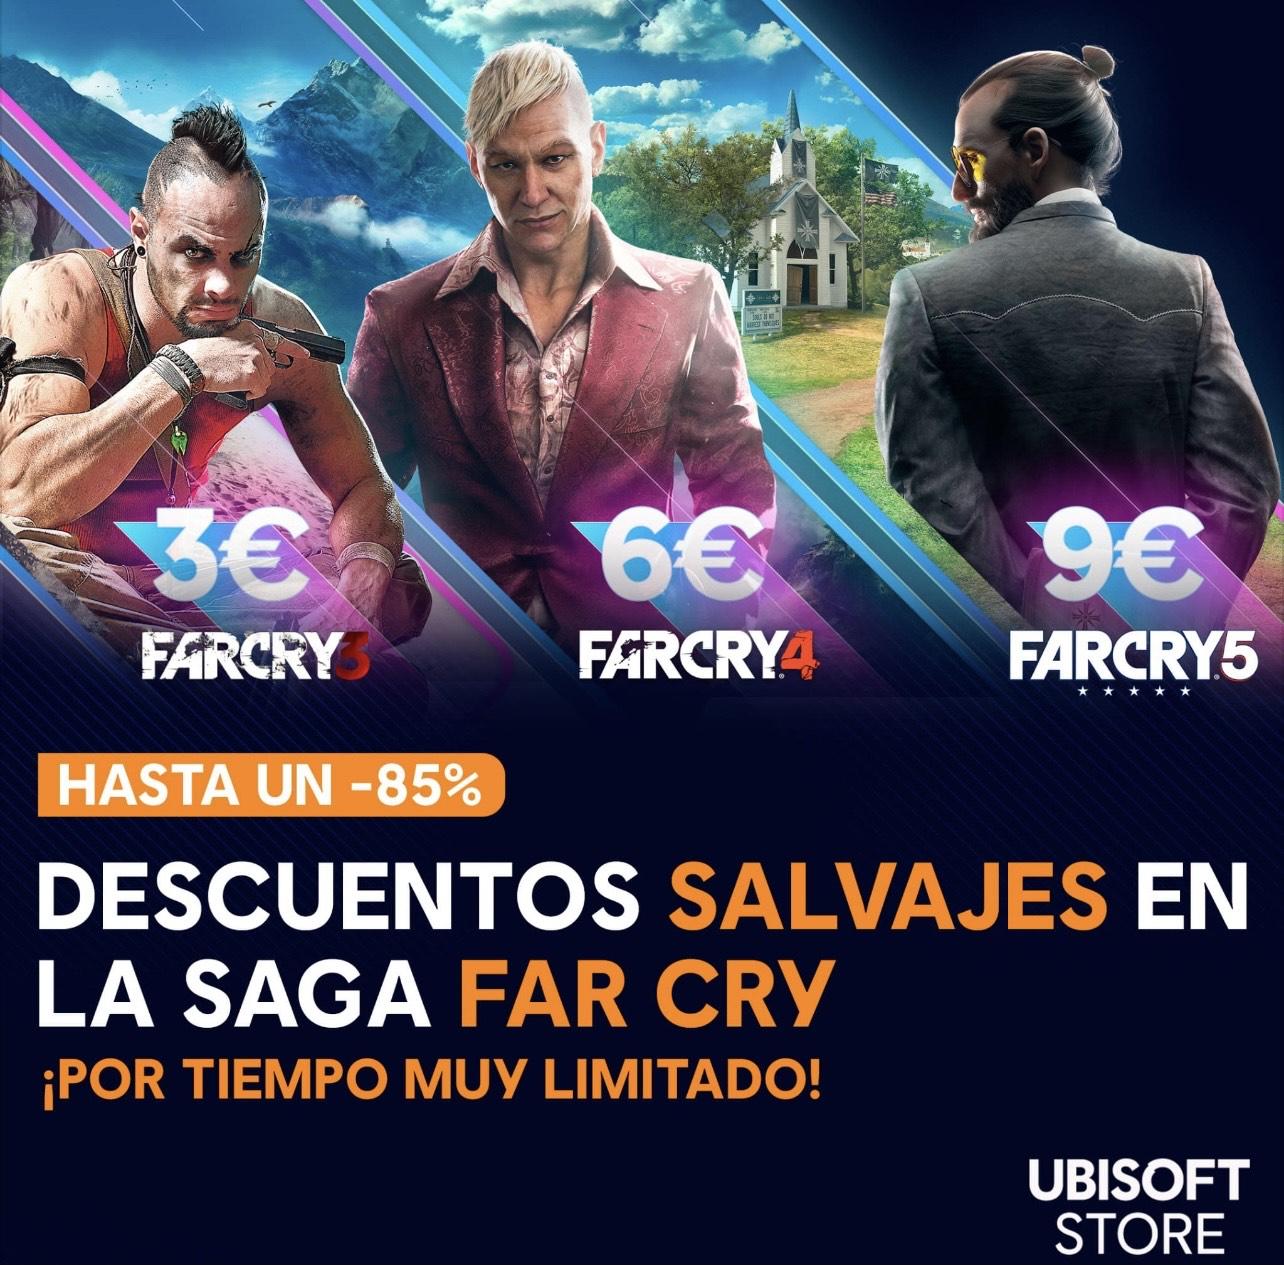 ¡Descuentos en toda la saga Far Cry!